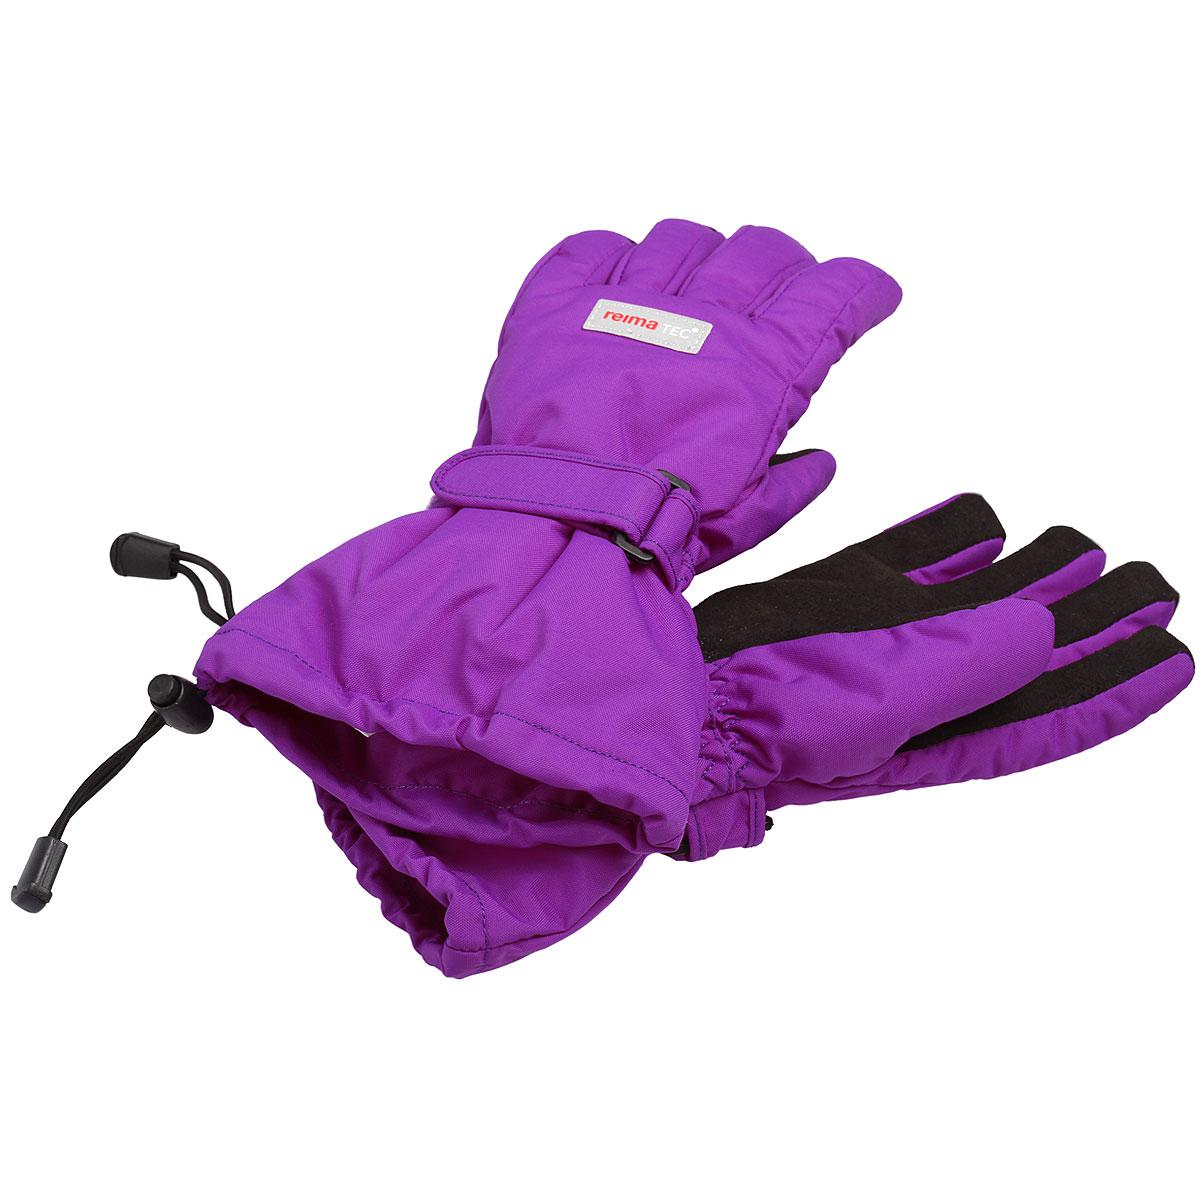 Перчатки детские Kiito. 527172527172_9990Детские перчатки Reimatec, изготовленные из мембранной ткани с водо- и ветрозащитным покрытием, станут идеальным вариантом для холодной зимней погоды. На подкладке используется мягкий флис, который хорошо удерживает тепло. Для большего удобства на запястьях перчатки дополнены хлястиками на липучках с внешней стороны, а на ладошках, кончиках пальцев и с внутренней стороны большого пальца - усиленными вставками Hipora. Манжеты по краю регулируются эластичными кулисками со стопперами. С внешней стороны перчатки оформлены светоотражающими нашивками в виде фирменного логотипа бренда. Средняя степень утепления. Идеально при температурах от 0°С до -20°С.